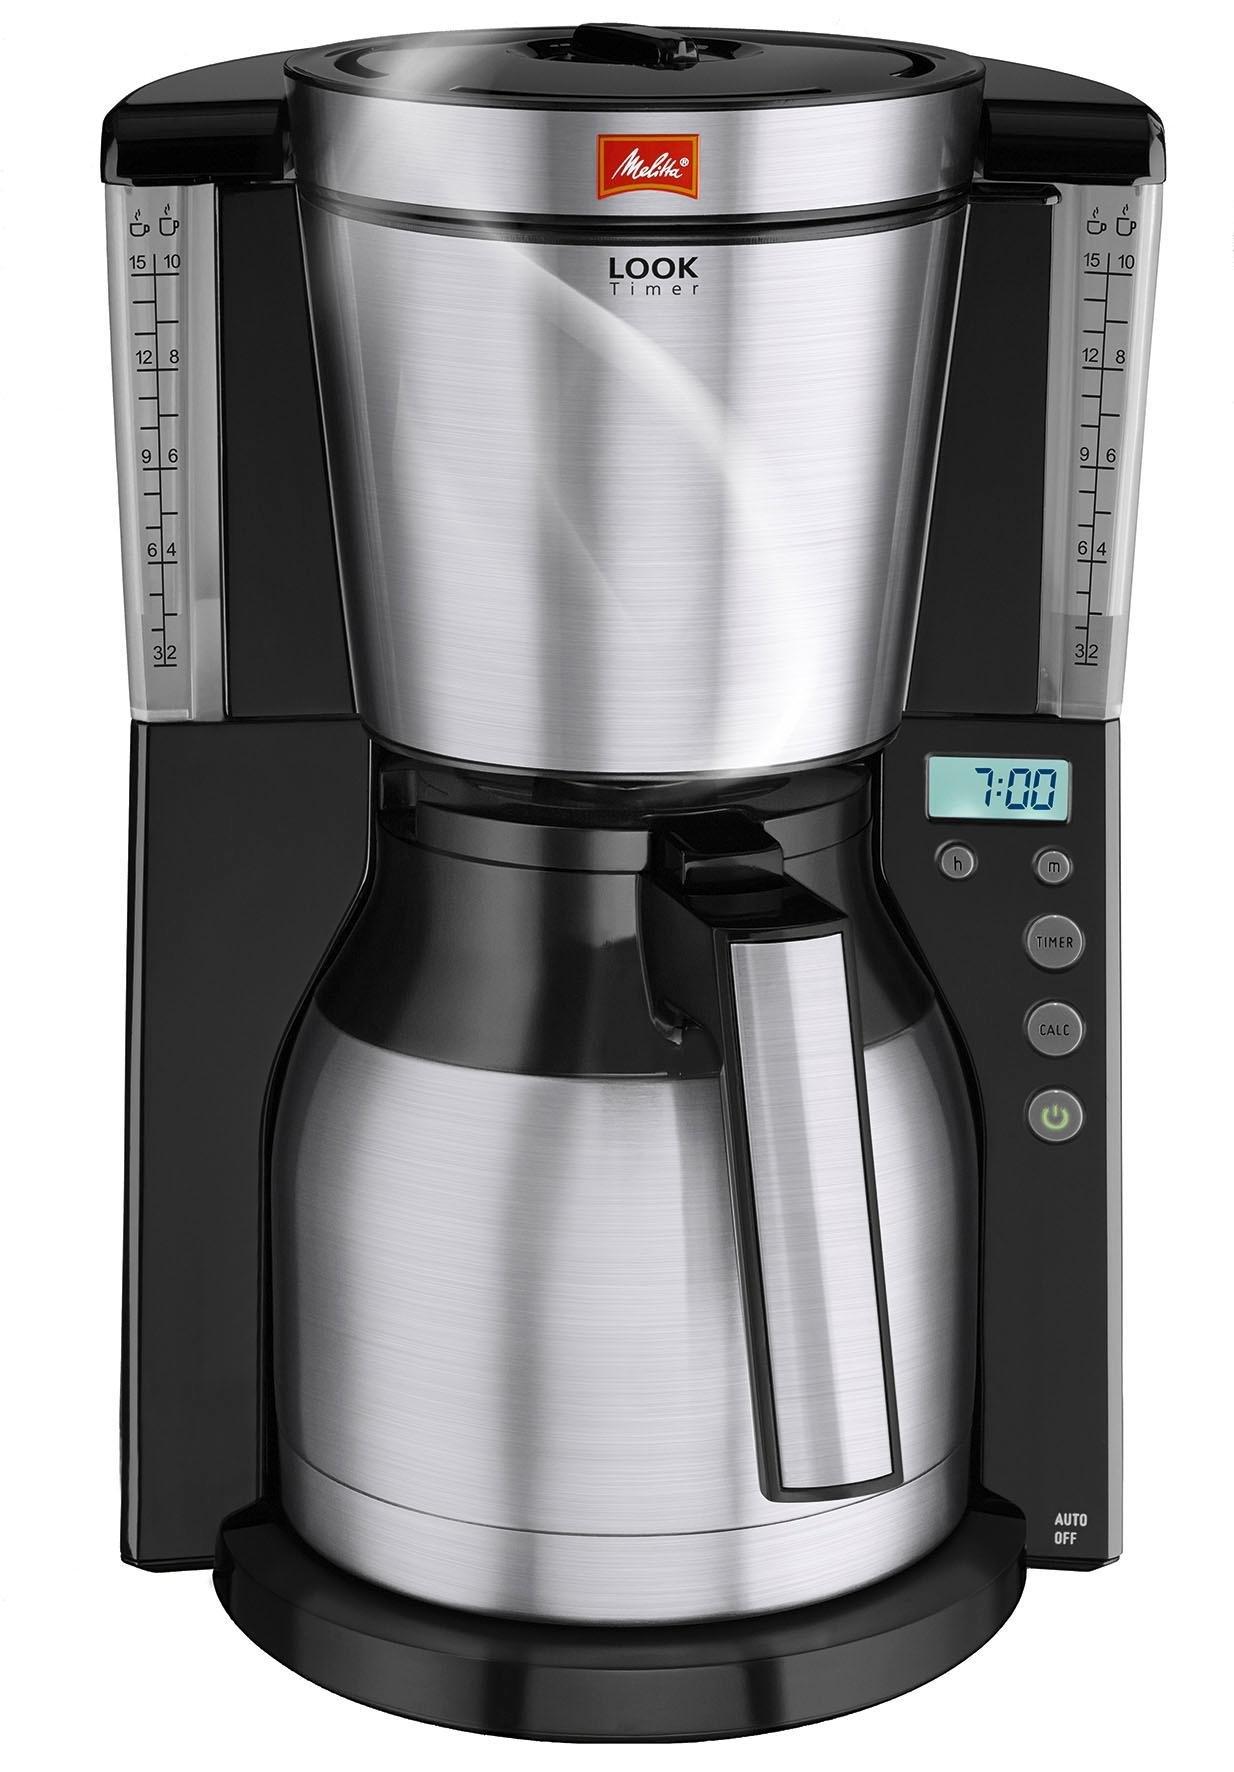 Op zoek naar een Melitta filterkoffieapparaat Melitta Look Therm Timer 1011-16, met thermoskan en timerfunctie? Koop online bij OTTO